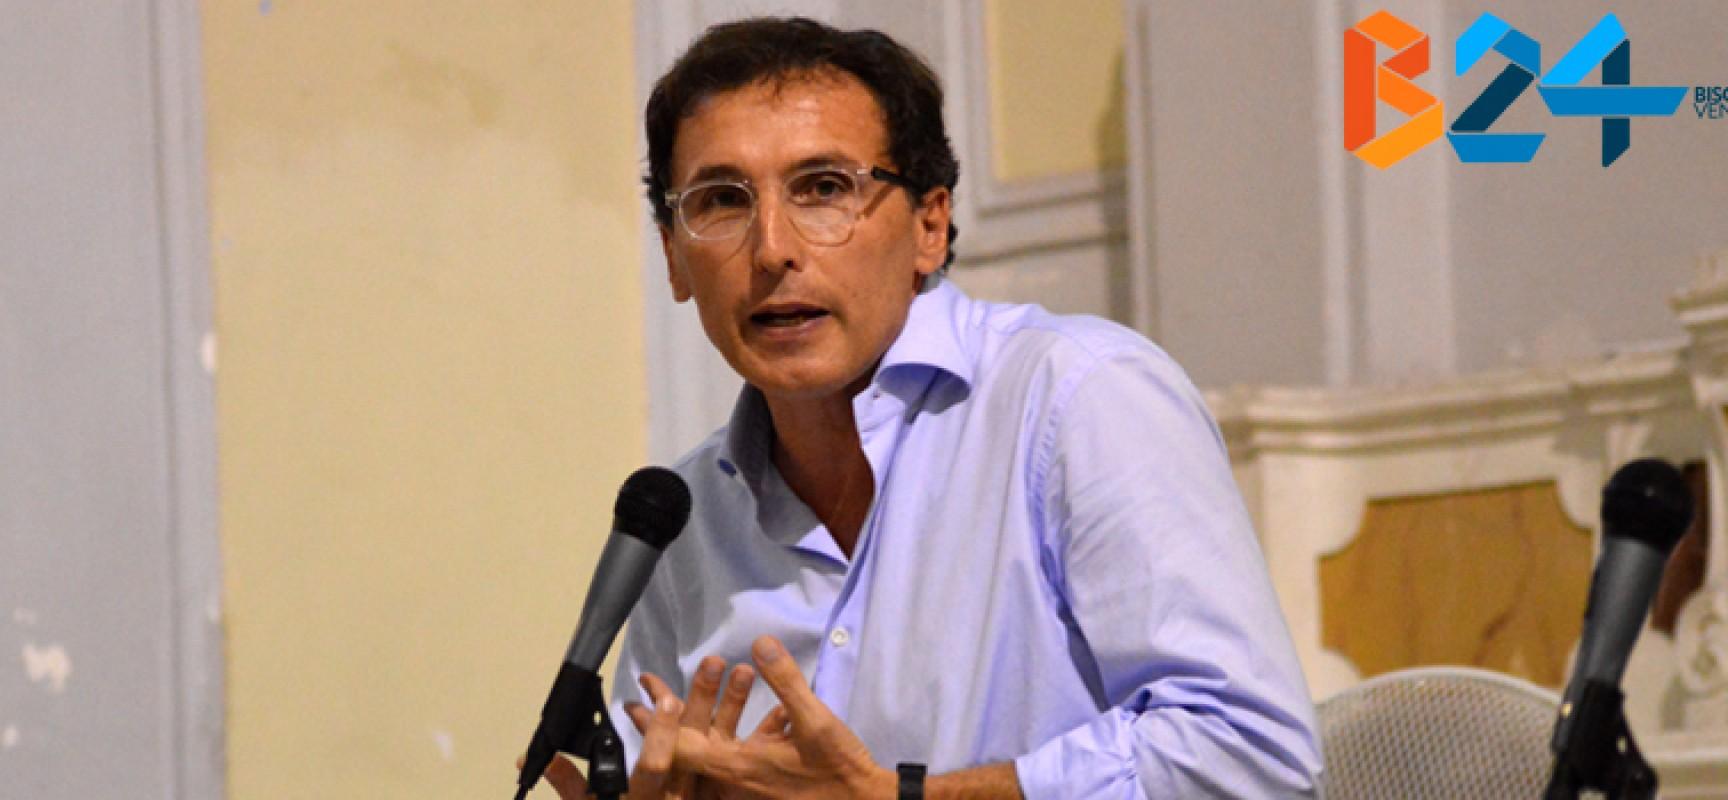 """Caso Azzollini, Boccia: """"Sbagliato votare no, imbarazzanti le parole dei militanti del mio stesso partito"""""""